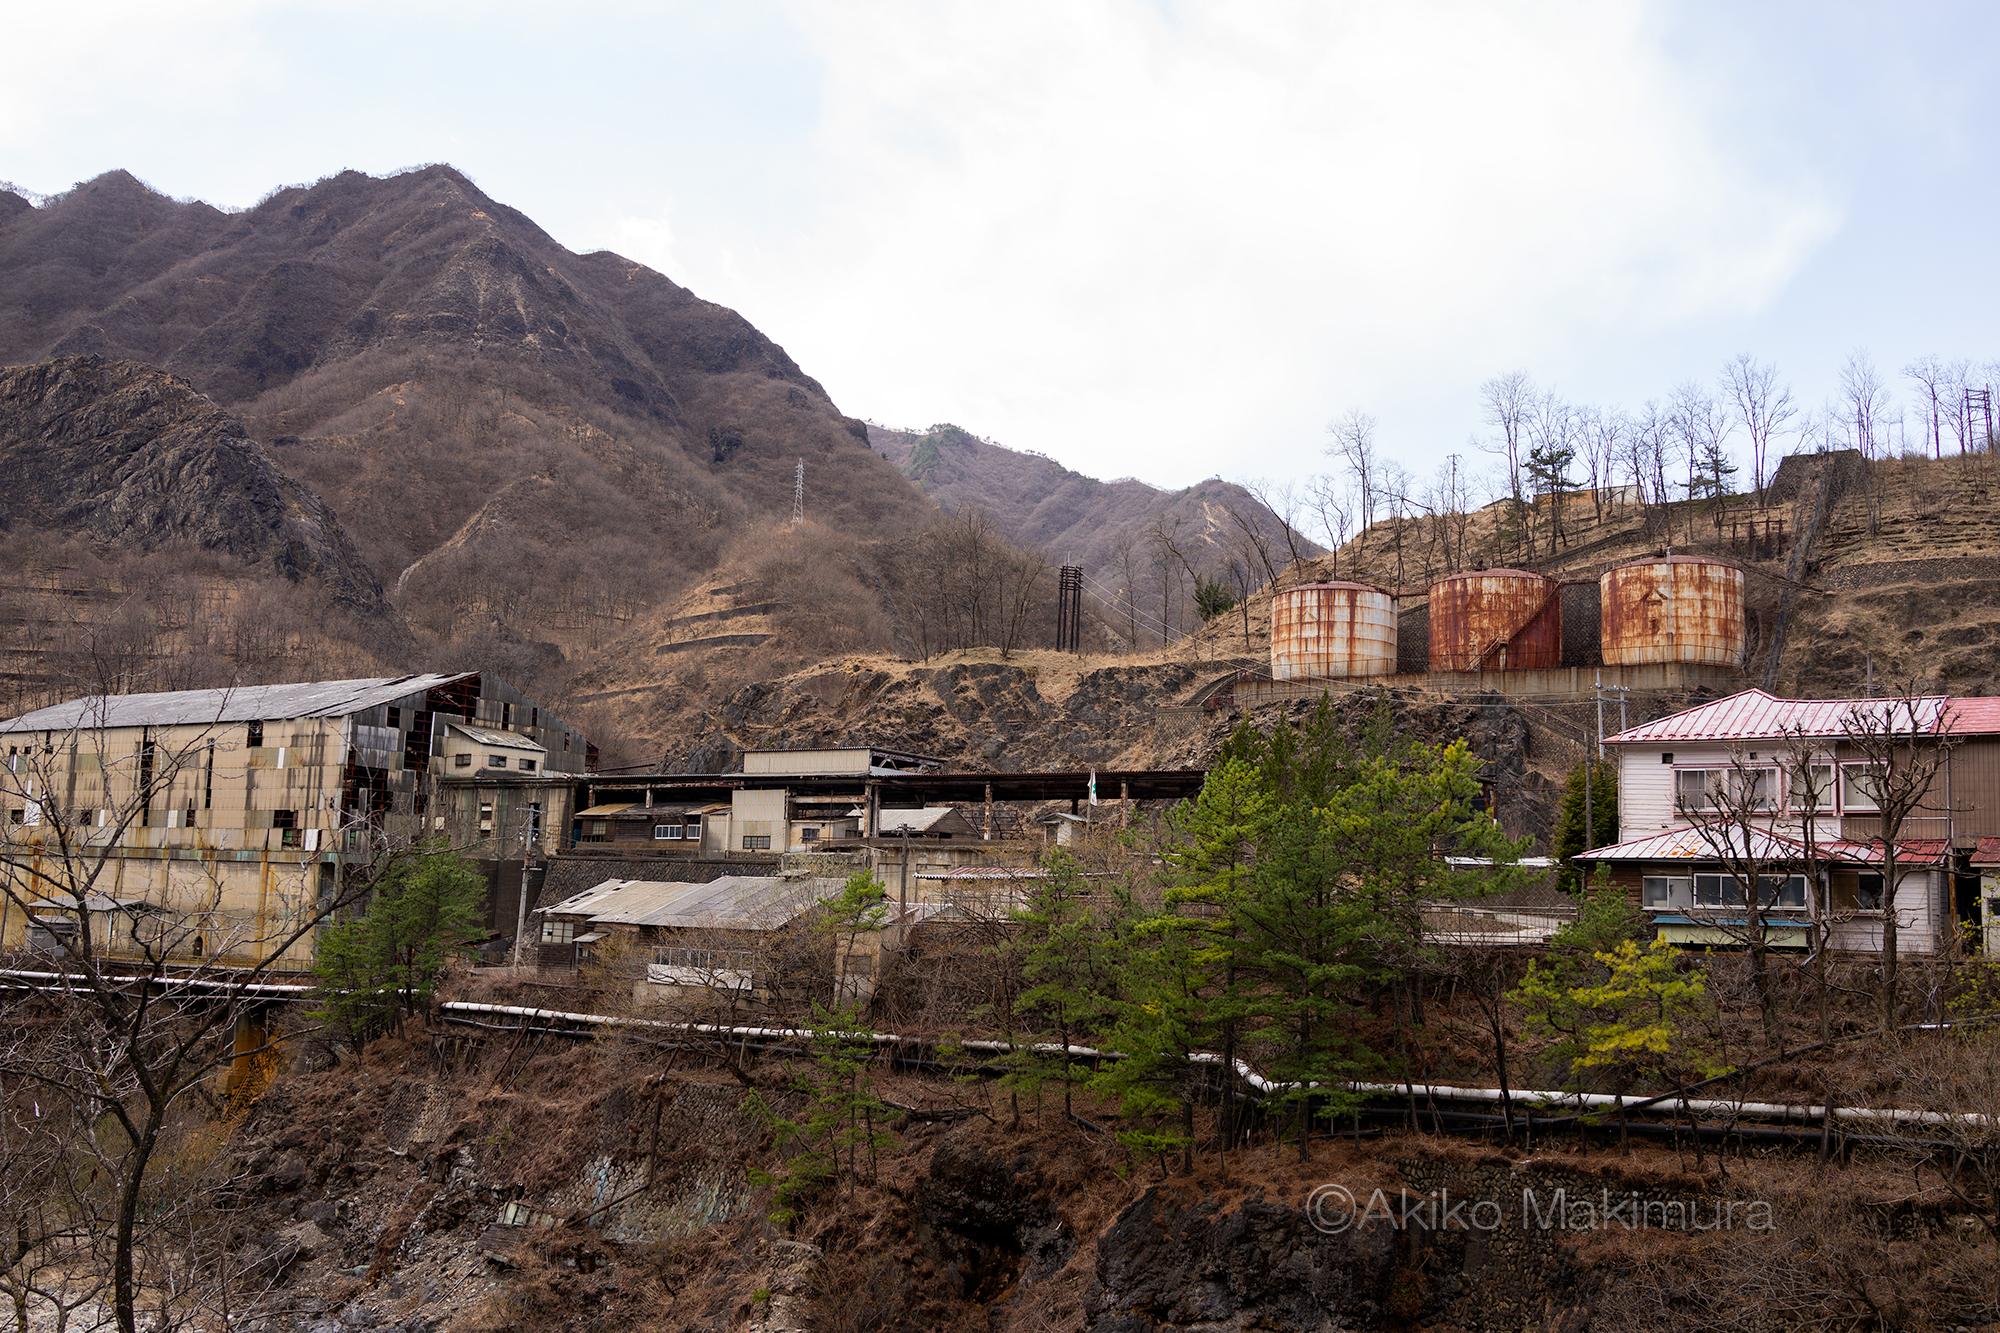 廃施設を抱えた町に息づく願い わたらせ渓谷鉄道の旅11